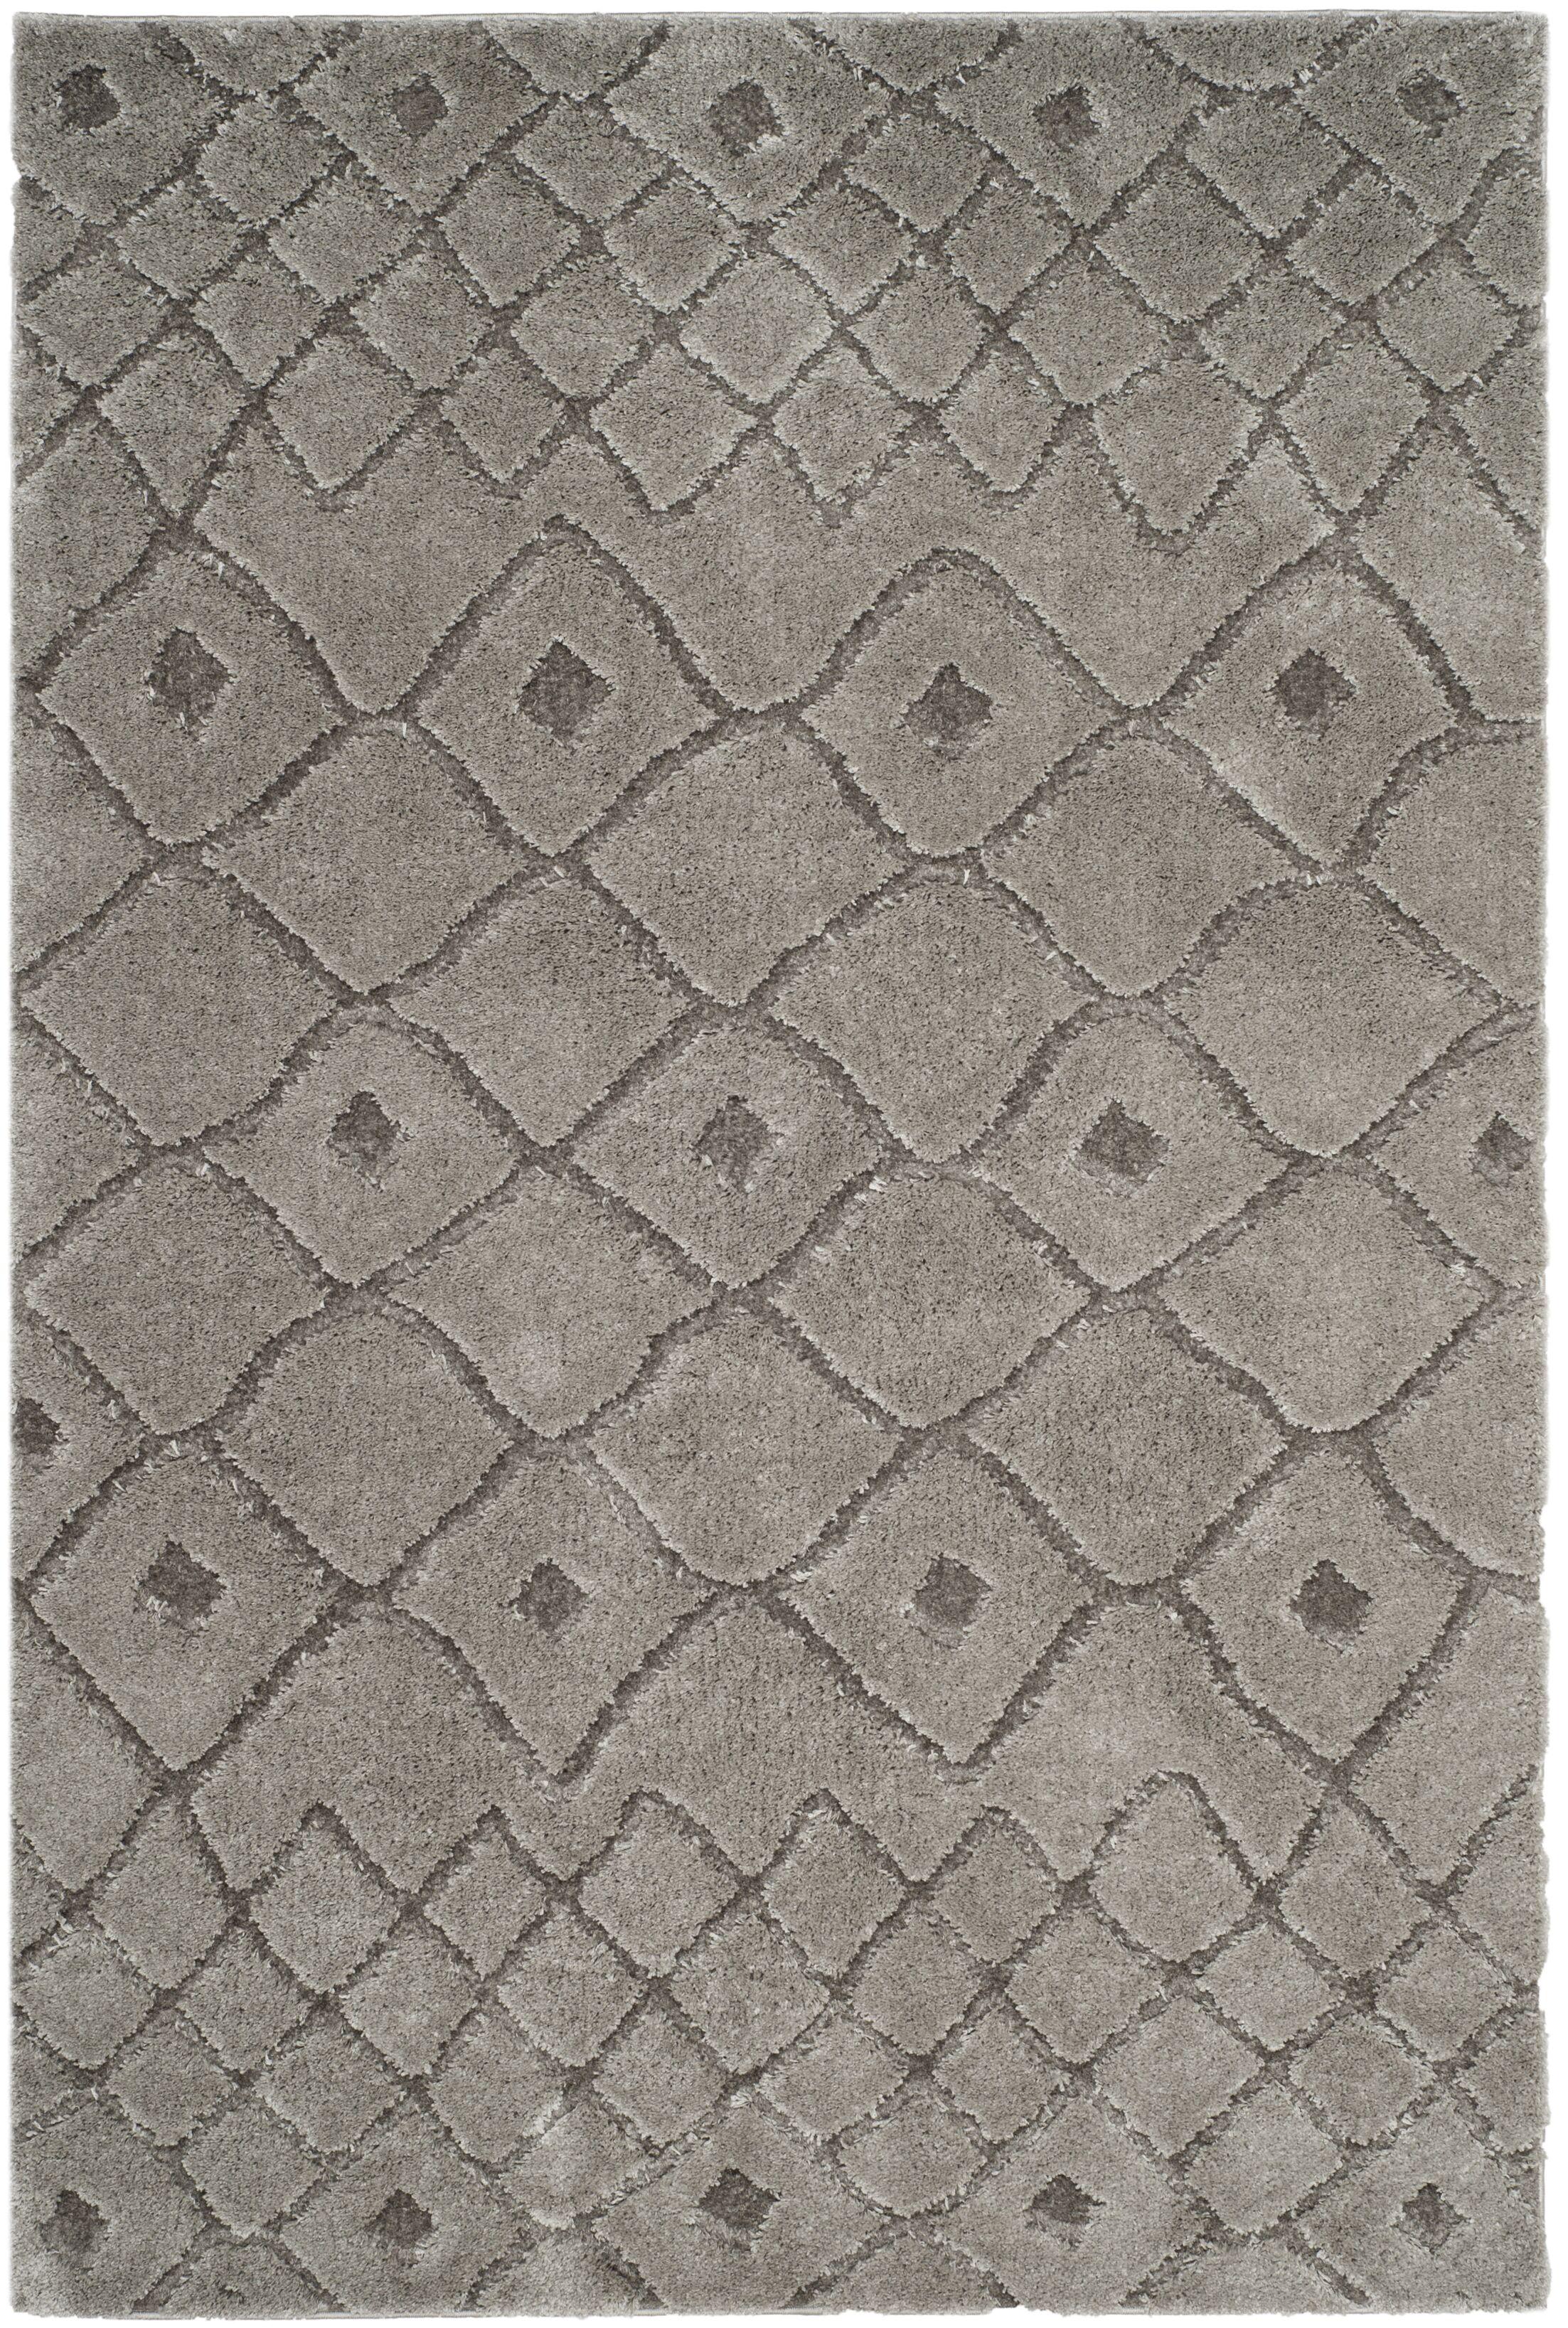 Atisha Gray Area Rug Rug Size: Rectangle 6'7